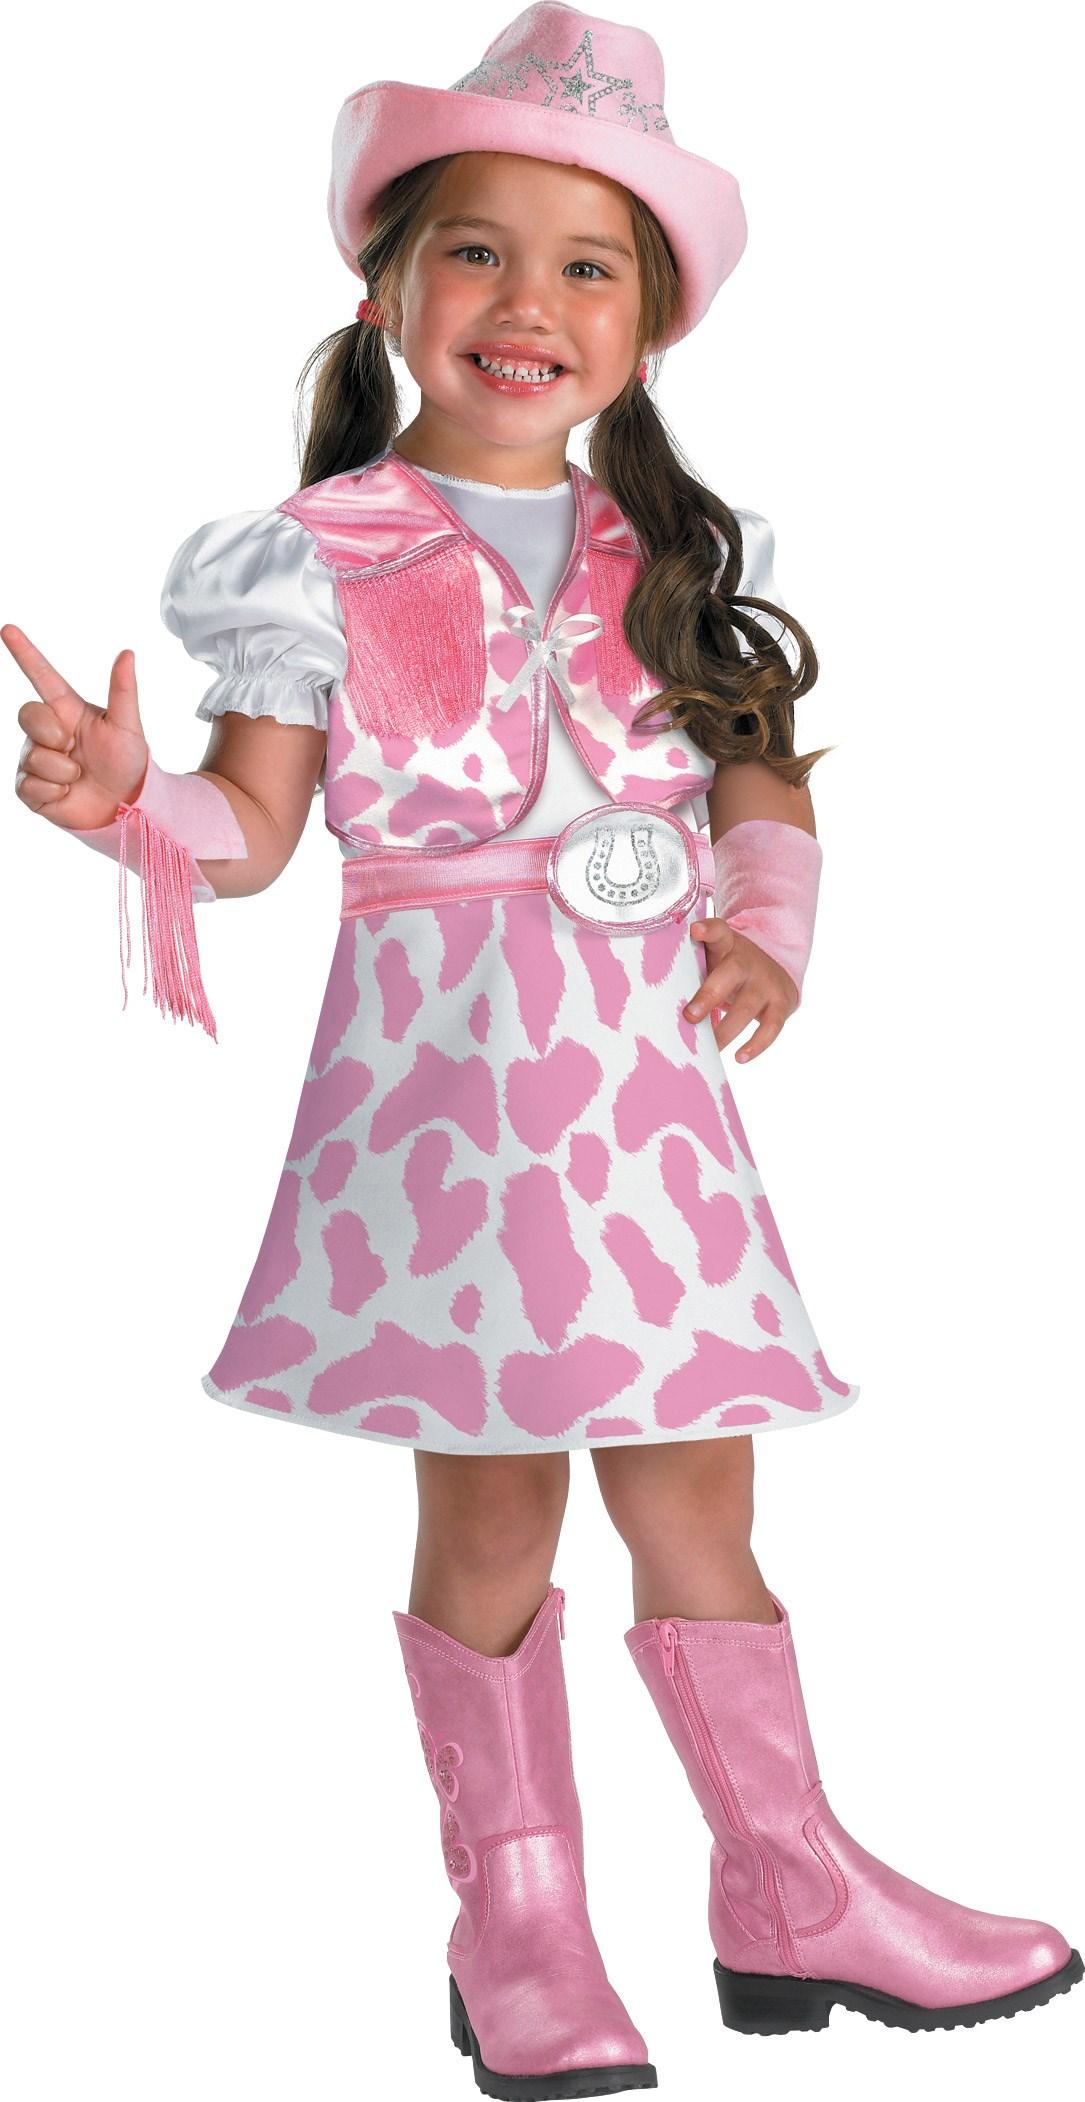 Wild West Cutie Toddler / Child Costume